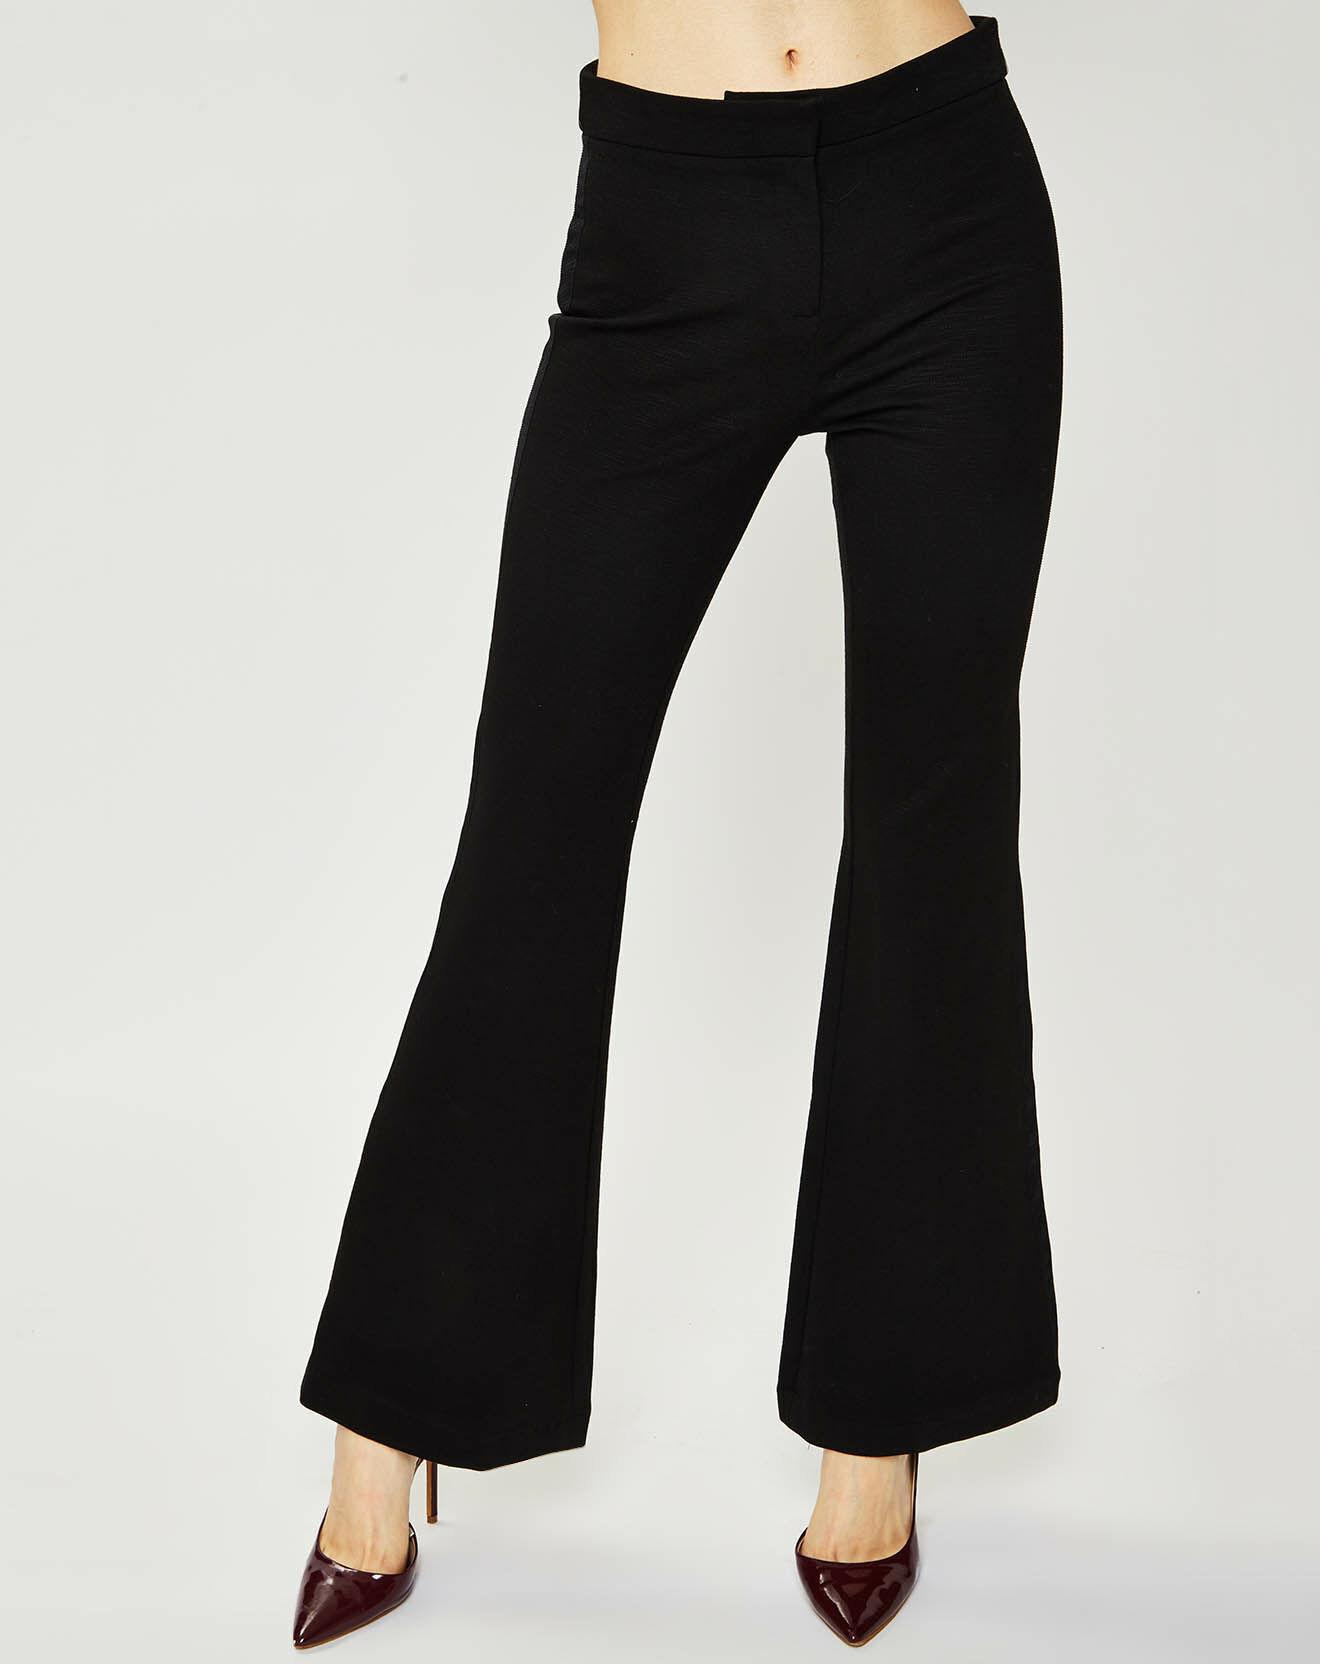 Pantalon Petininew noir